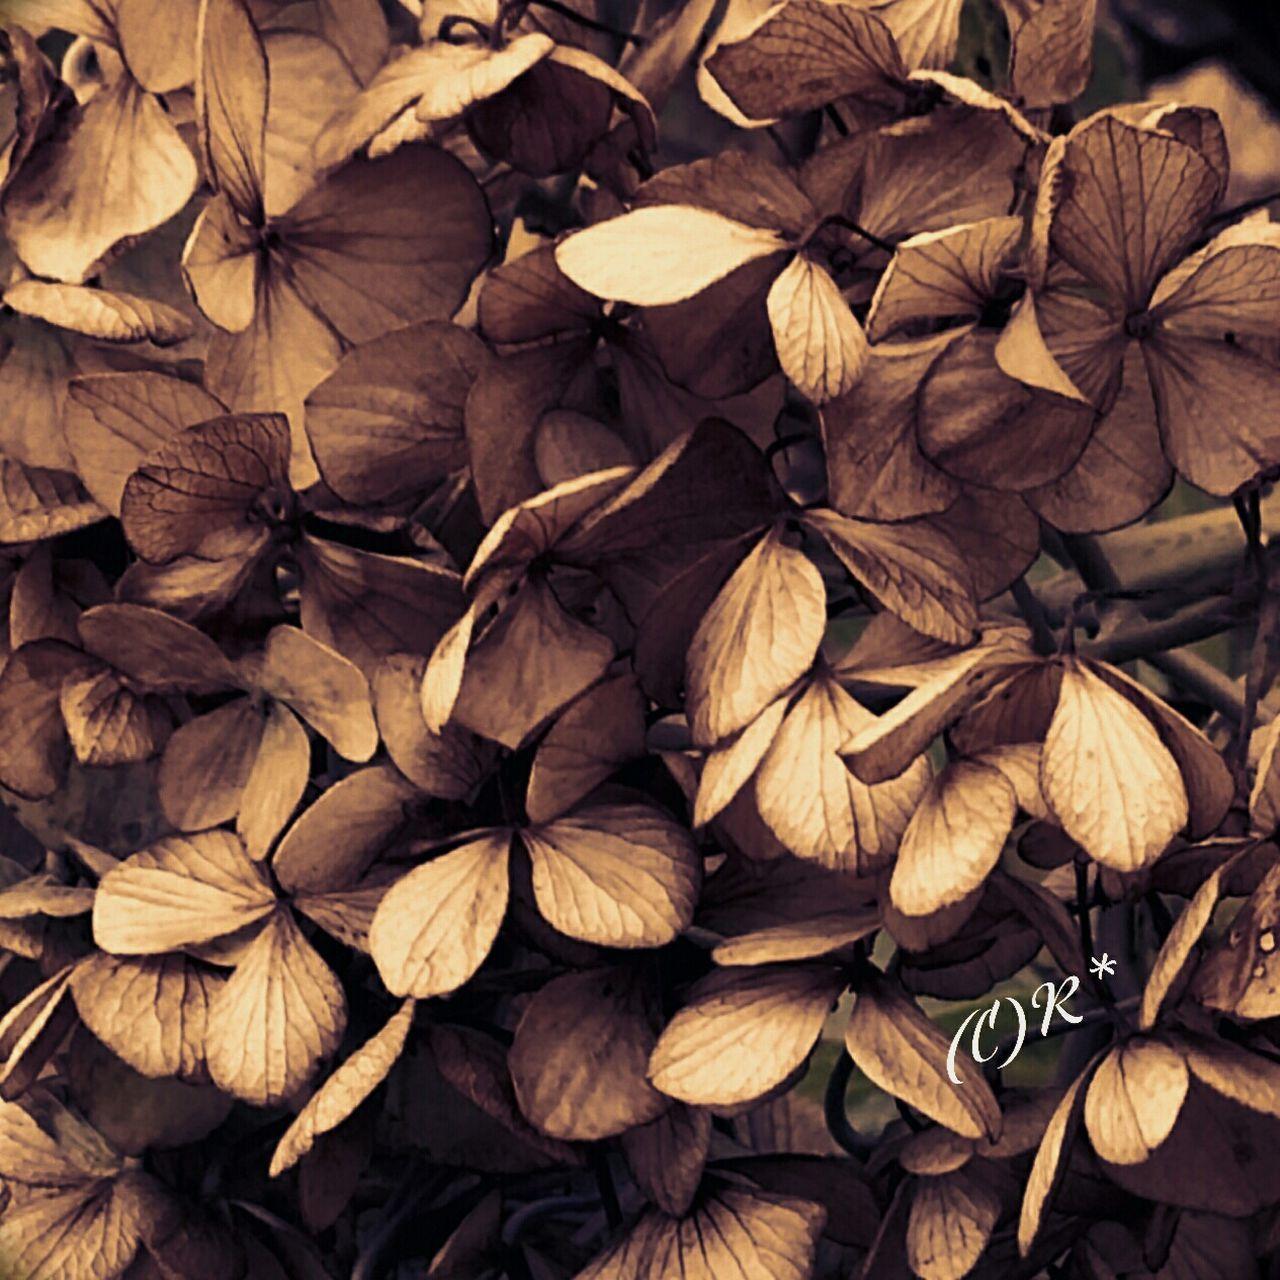 紫陽花-hydrangea- 紫陽花 あじさい 紫陽花Photo 素枯れ紫陽花 枯れ花 Flower